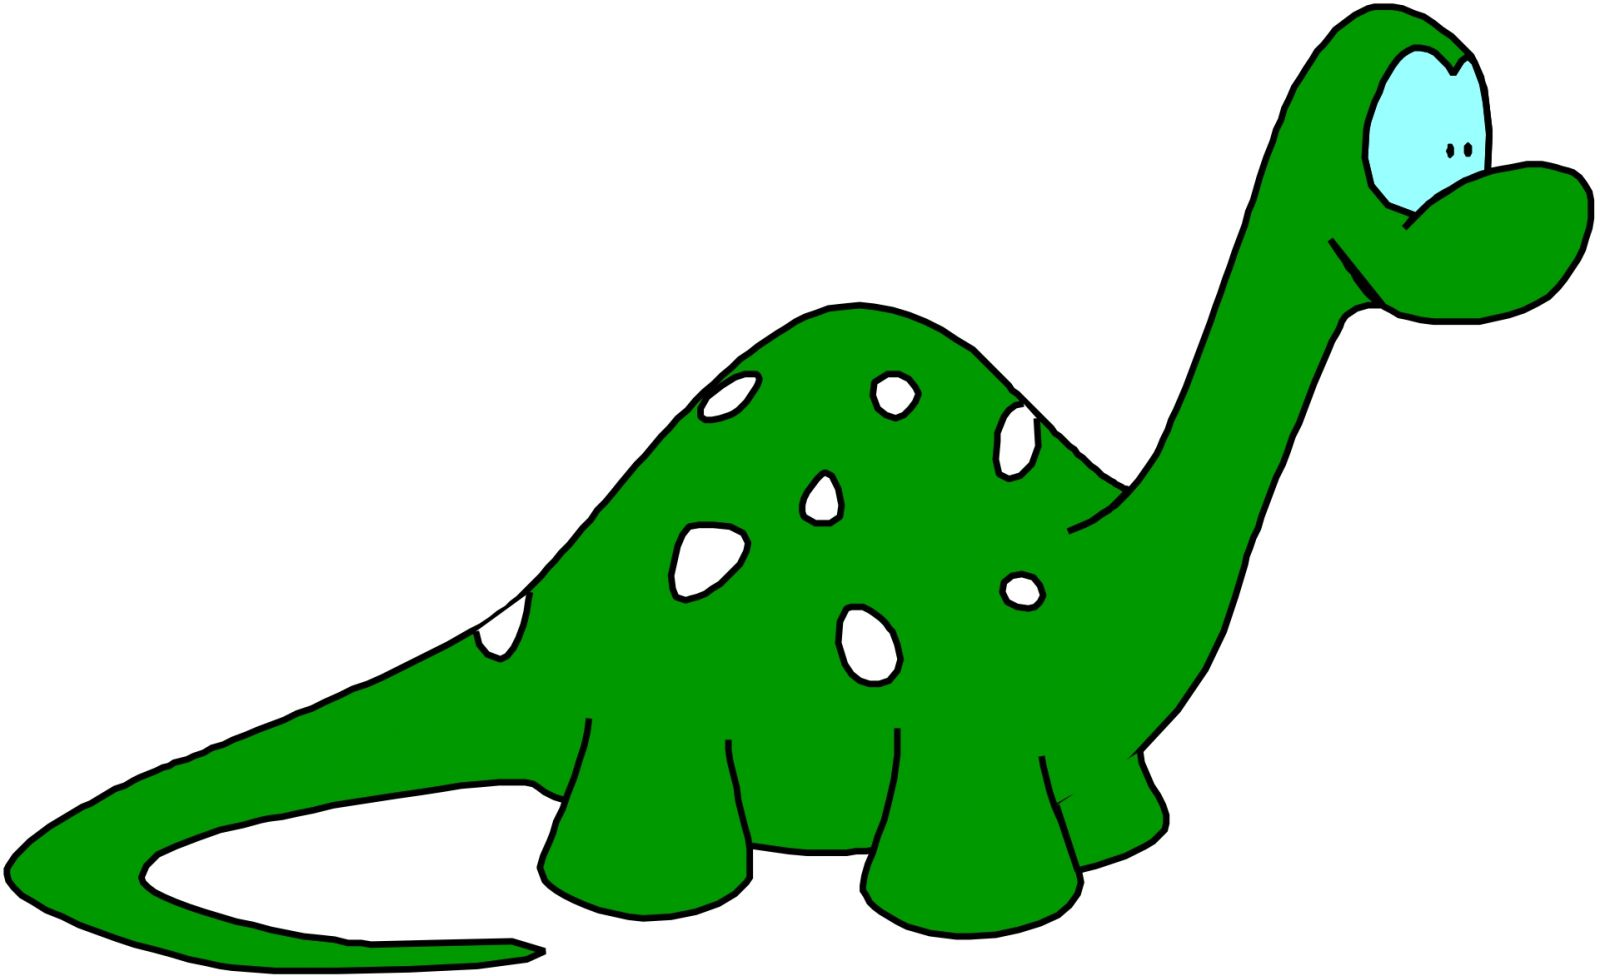 Galeria De Fotos E Imagens Desenhos De Dinossauros